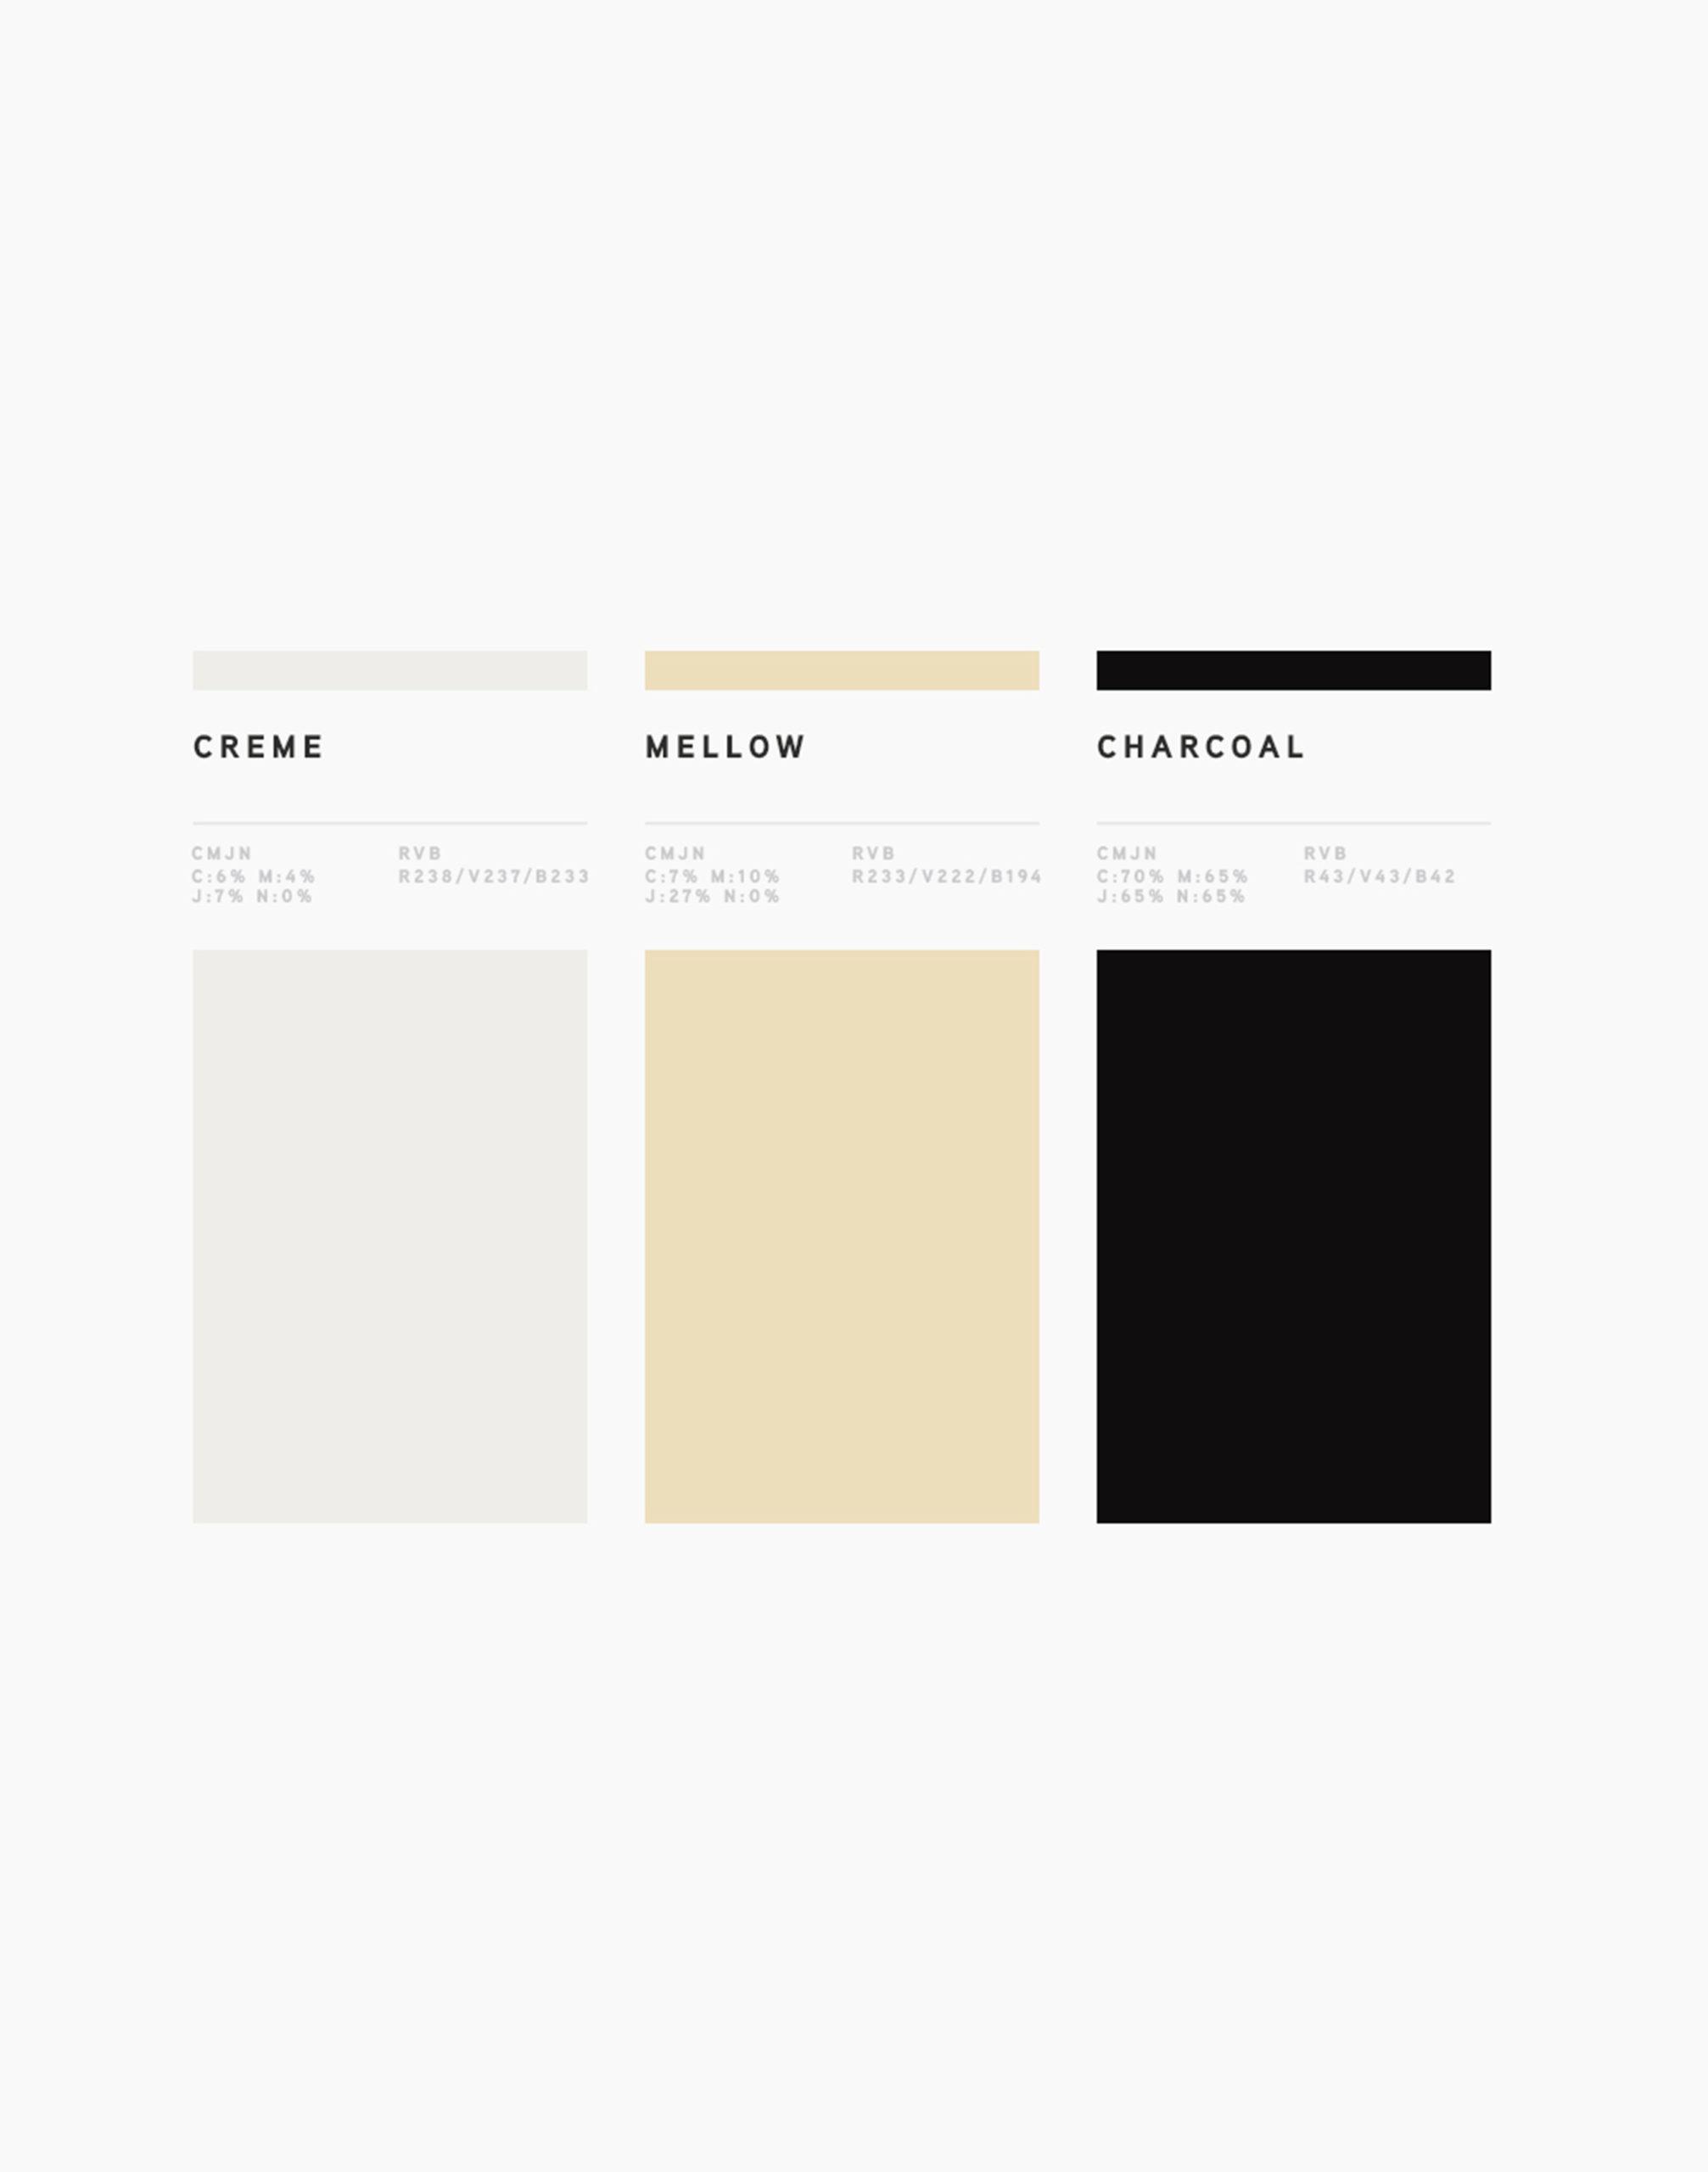 palette de couleurs avec trois couleurs : gris clair, jaune et noir